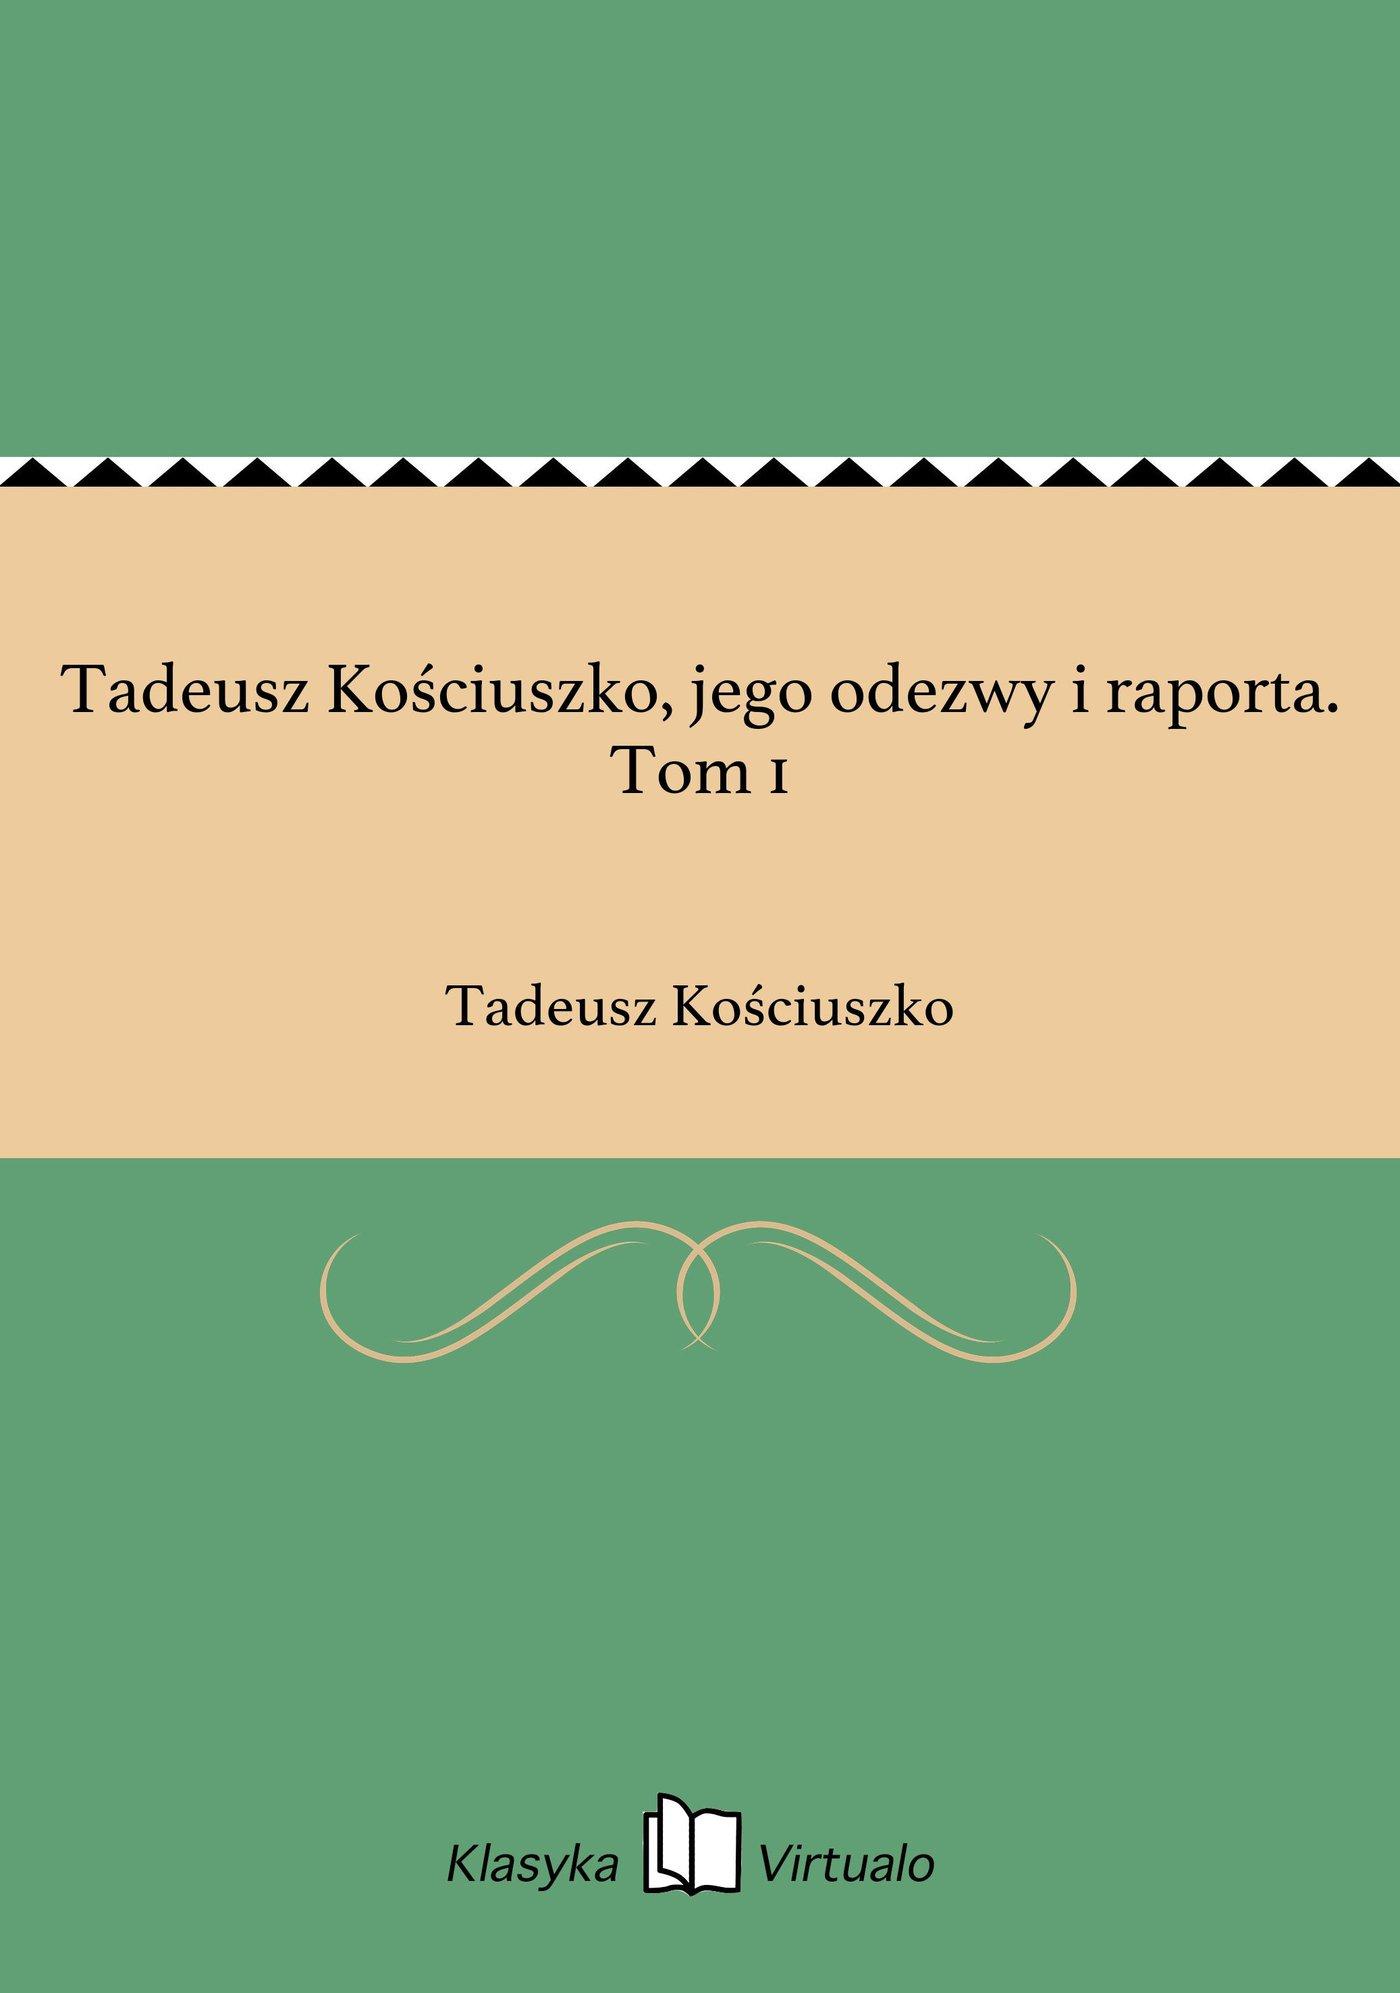 Tadeusz Kościuszko, jego odezwy i raporta. Tom 1 - Ebook (Książka EPUB) do pobrania w formacie EPUB